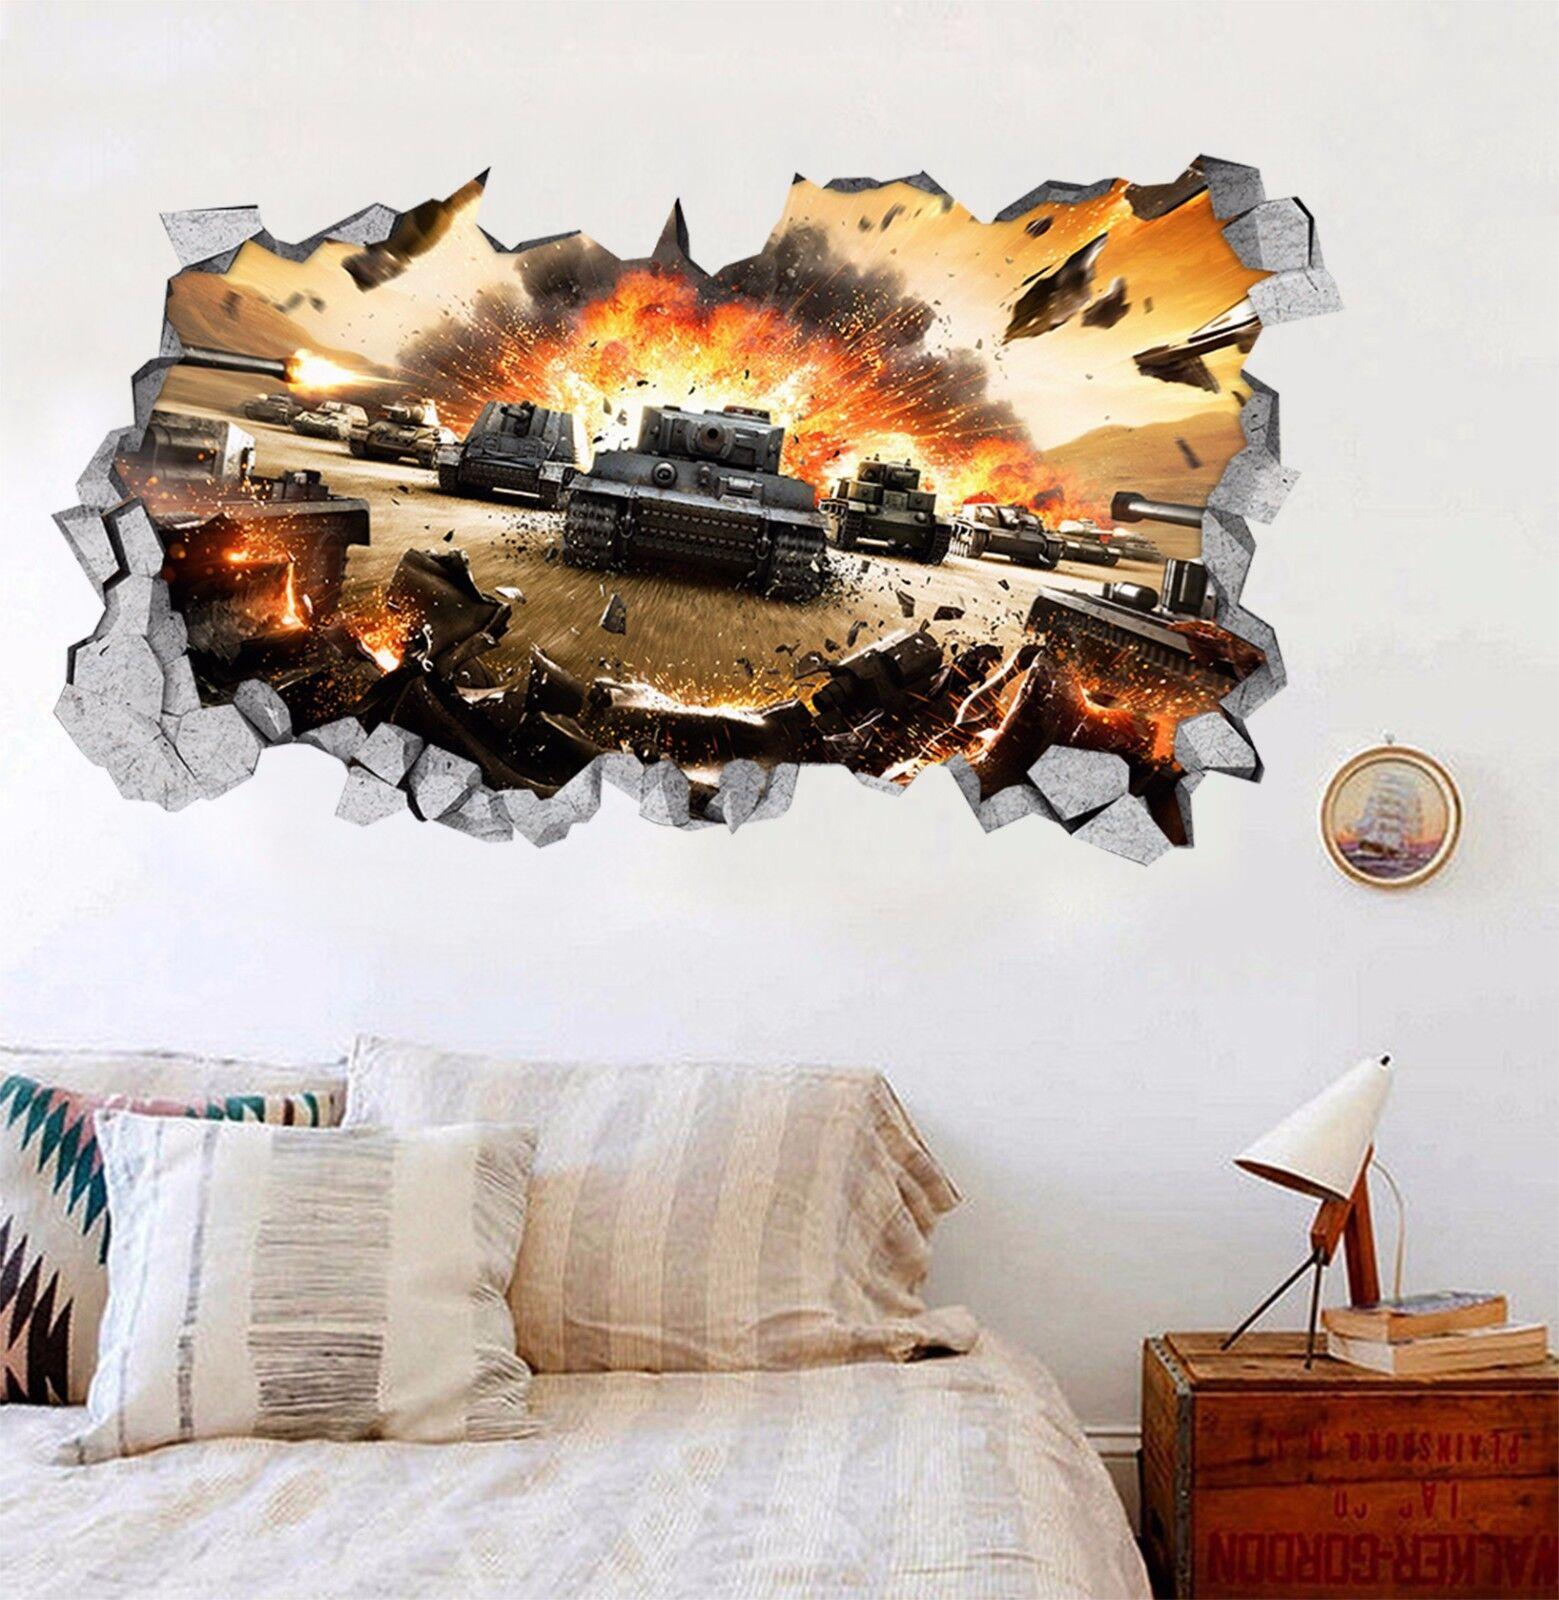 3D Krieg Rauch 829 Mauer Murals Mauer Aufklebe Decal Durchbruch AJ WALL DE Kyra